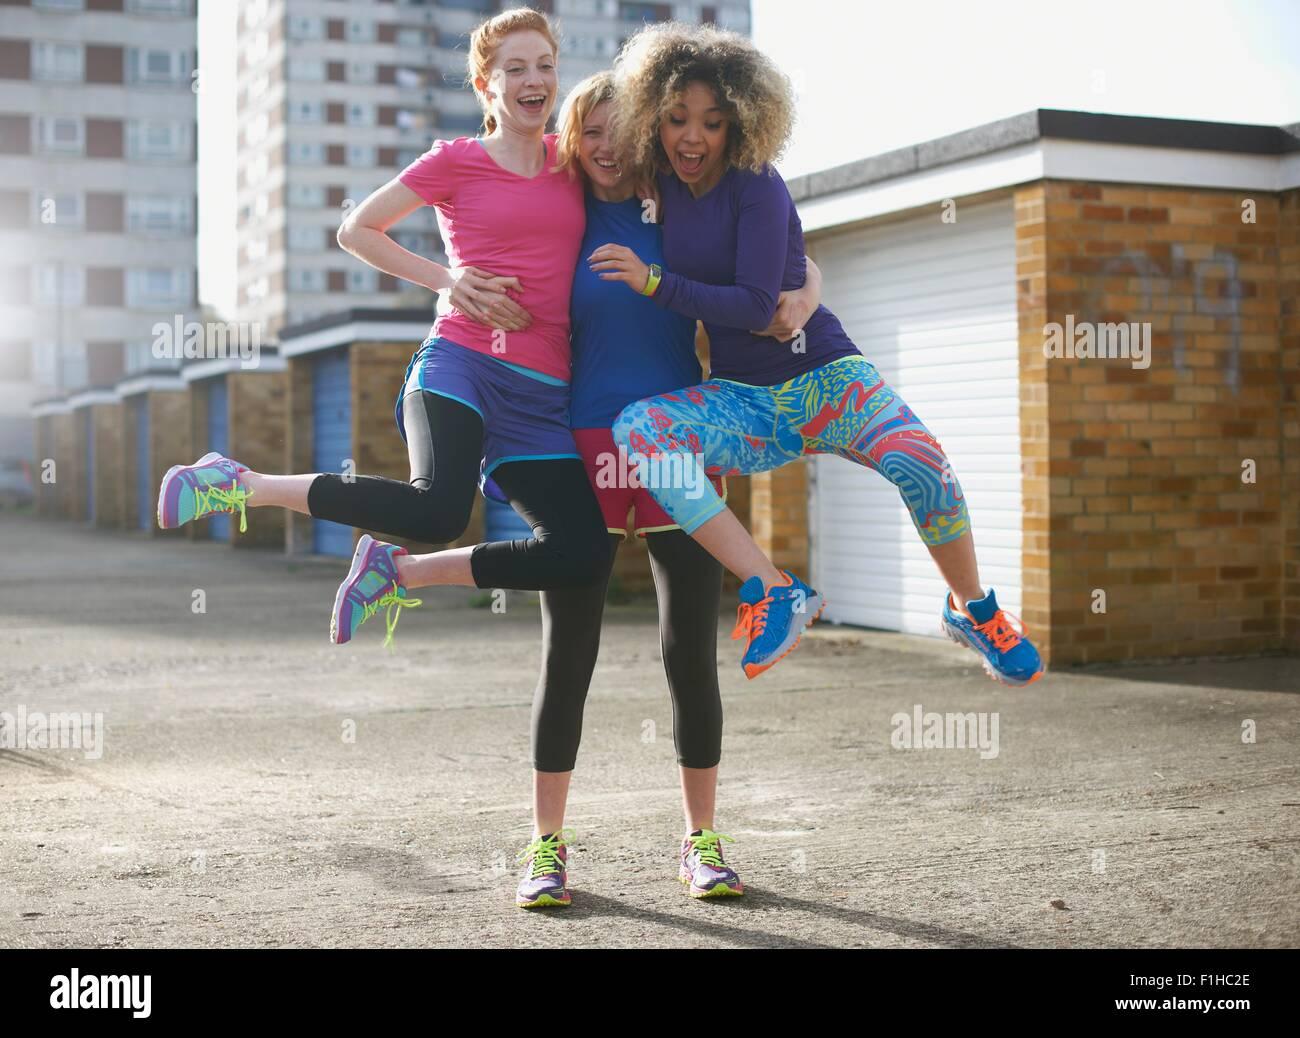 Retrato de tres mujeres vistiendo ropa deportiva saltar Imagen De Stock